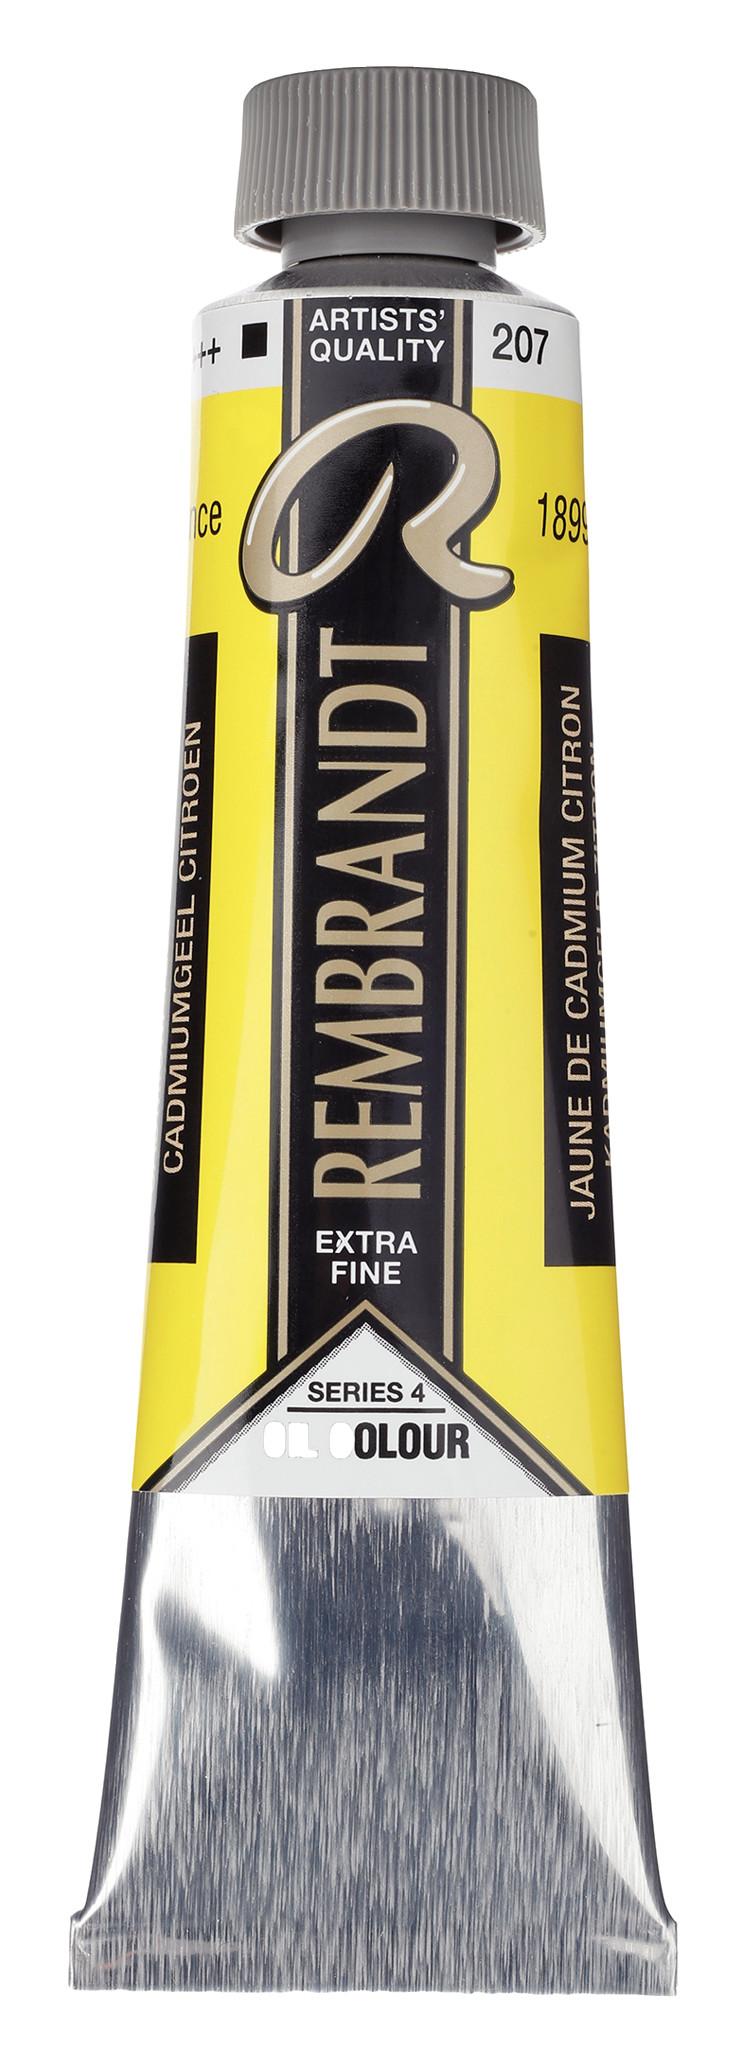 Rembrandt Oil colour Paint Cadmium Yellow Lemon (207) 40ml Tube